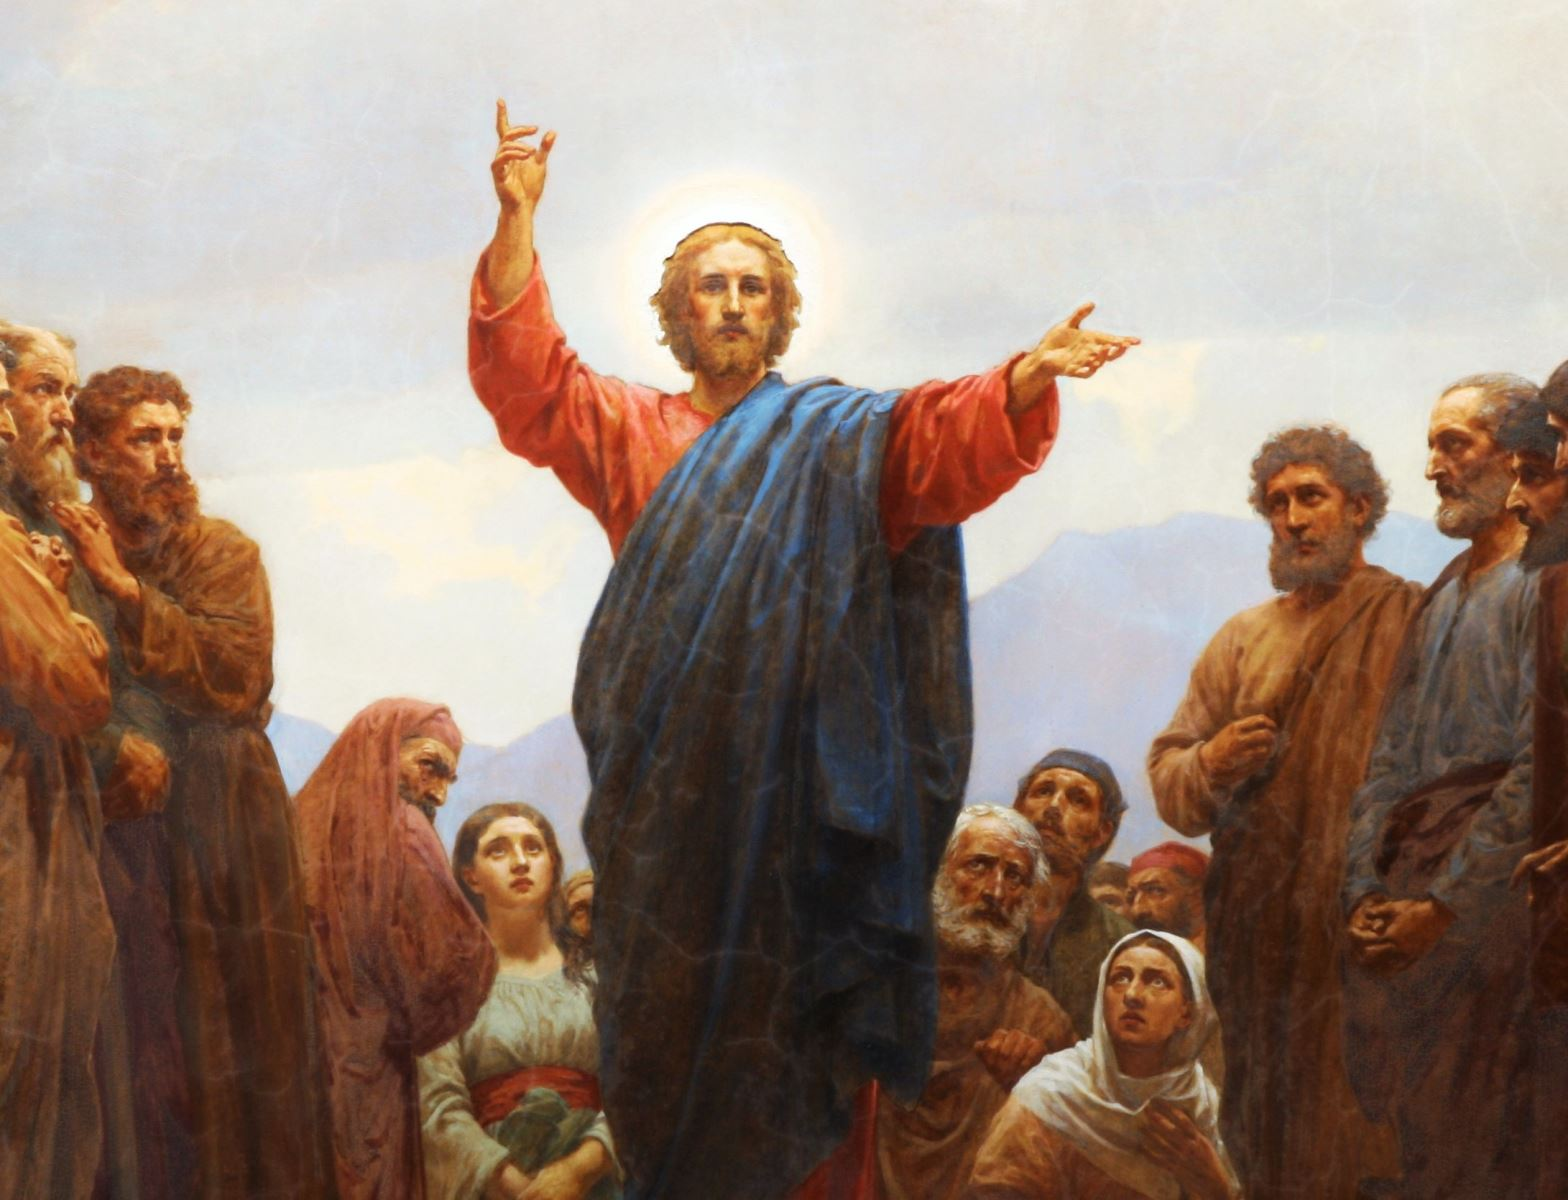 NÓI LỜI CHÚA NÓI. Suy niệm Lời Chúa Thứ Bảy Tuần IV Phục Sinh.